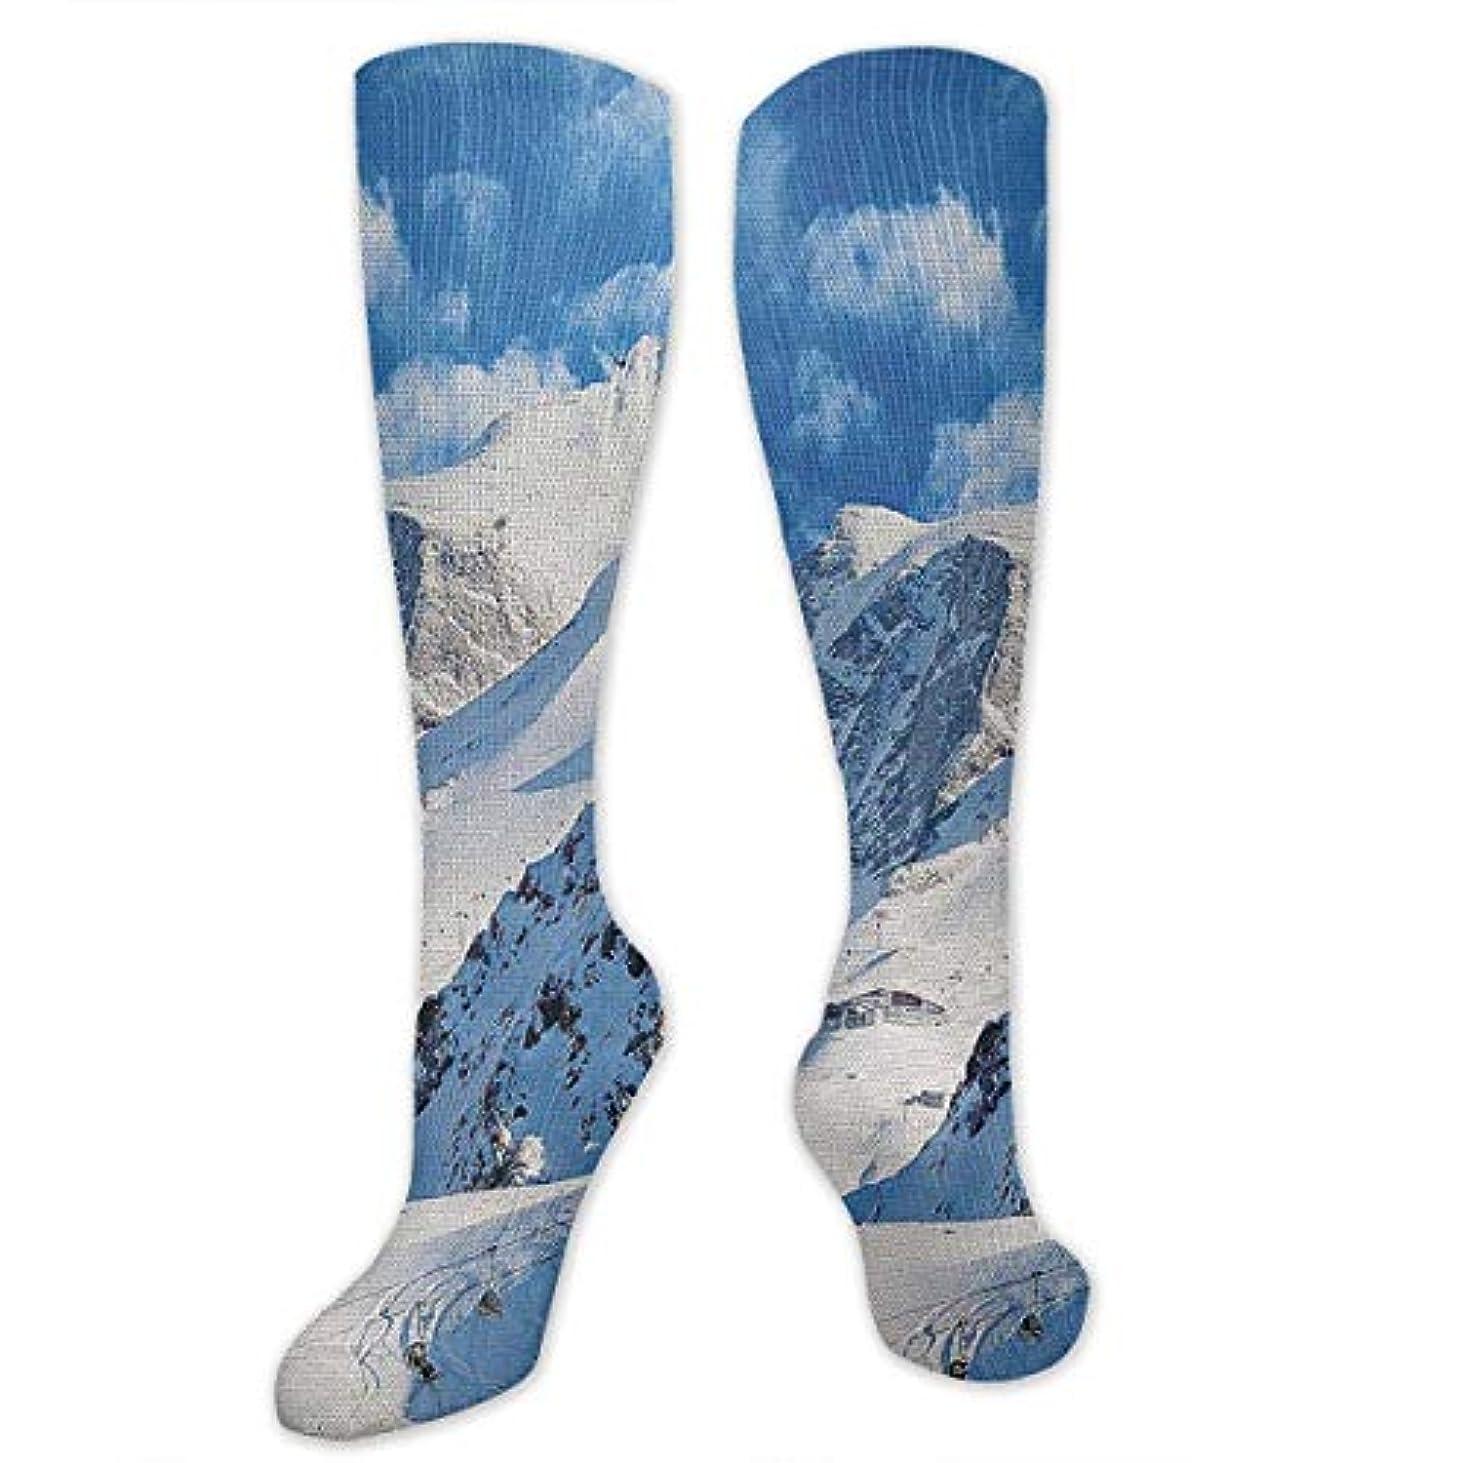 上カリキュラム迫害する靴下,ストッキング,野生のジョーカー,実際,秋の本質,冬必須,サマーウェア&RBXAA Mountain Landscape Ski Socks Women's Winter Cotton Long Tube Socks...